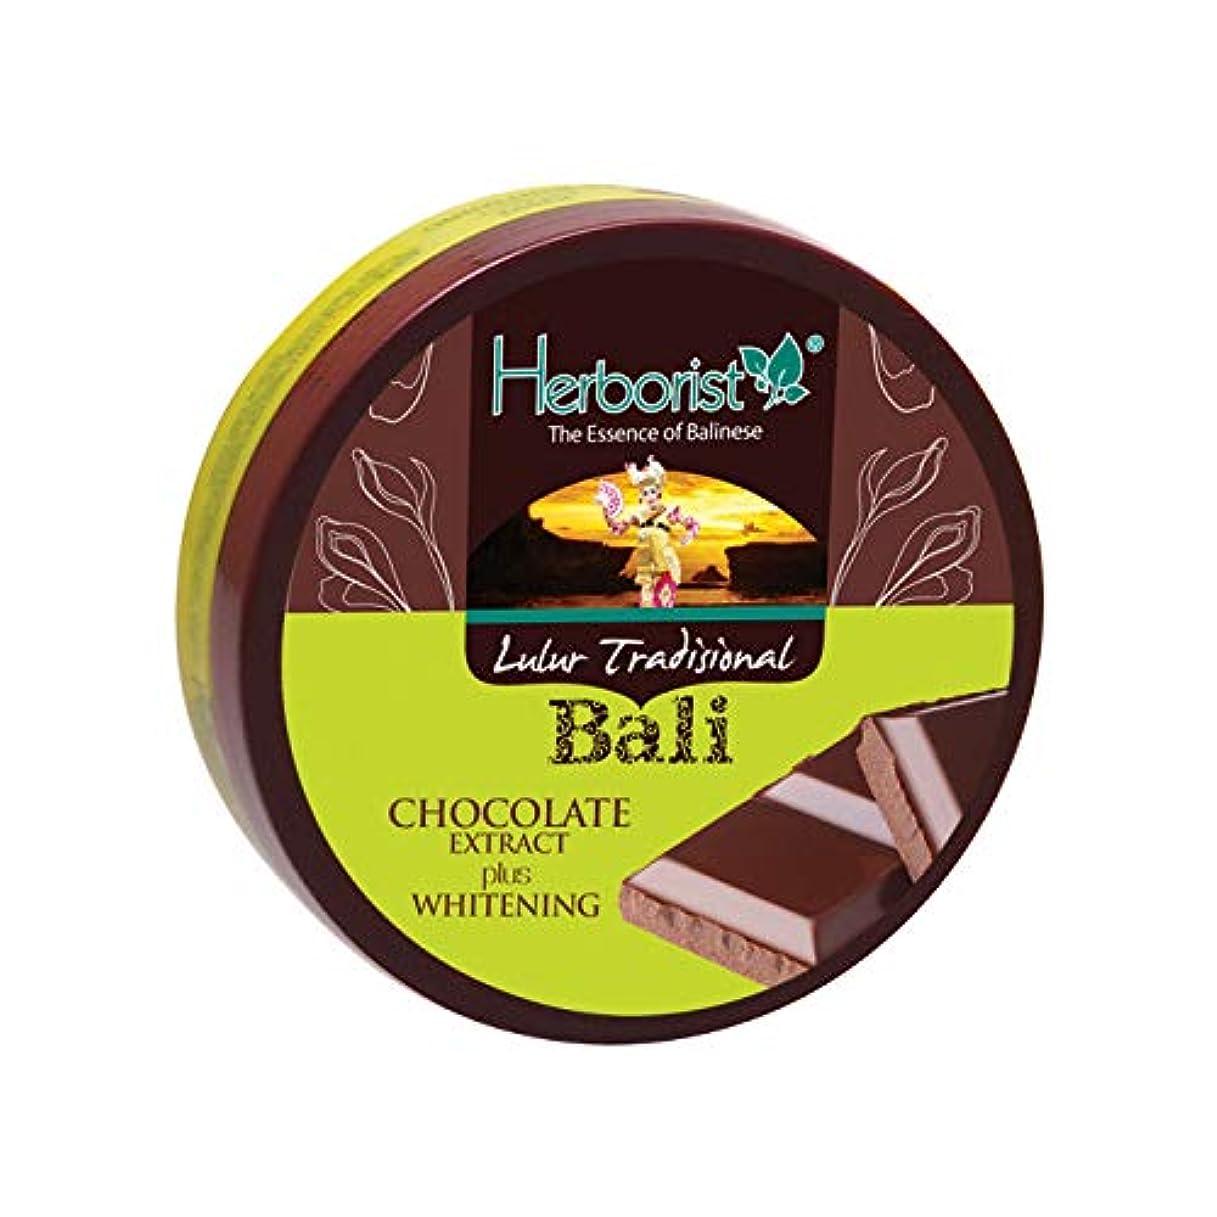 アンデス山脈ジャベスウィルソンそしてHerborist ハーボリスト インドネシアバリ島の伝統的なボディスクラブ Lulur Tradisional Bali ルルールトラディショナルバリ 100g Chocolate チョコレート [海外直送品]